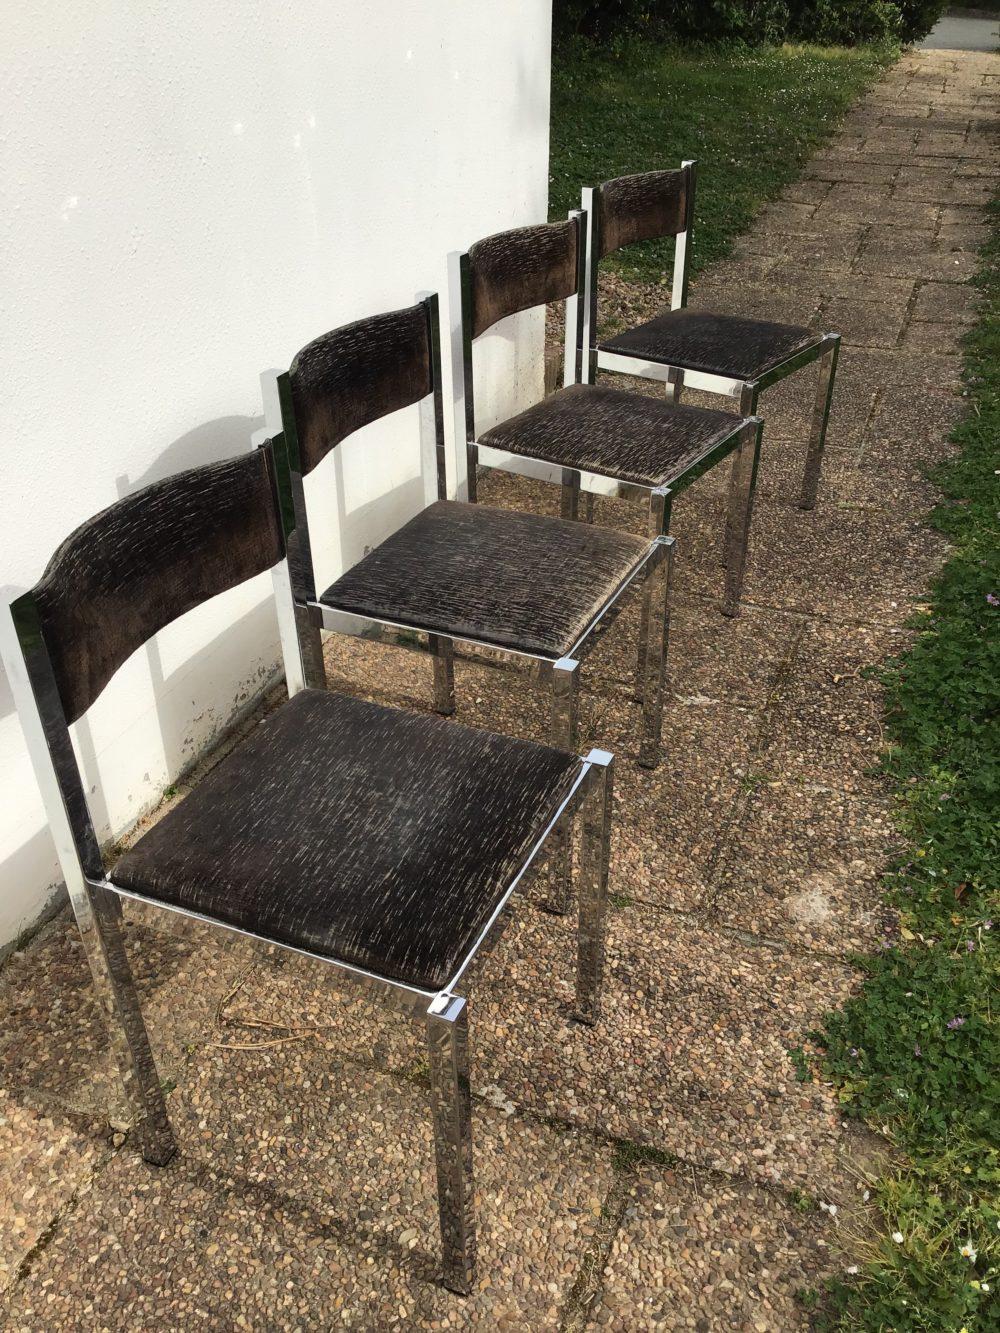 Chaises-italiennes-vintages-annees-70-metal-chrome-les-curiosites-d-emilie